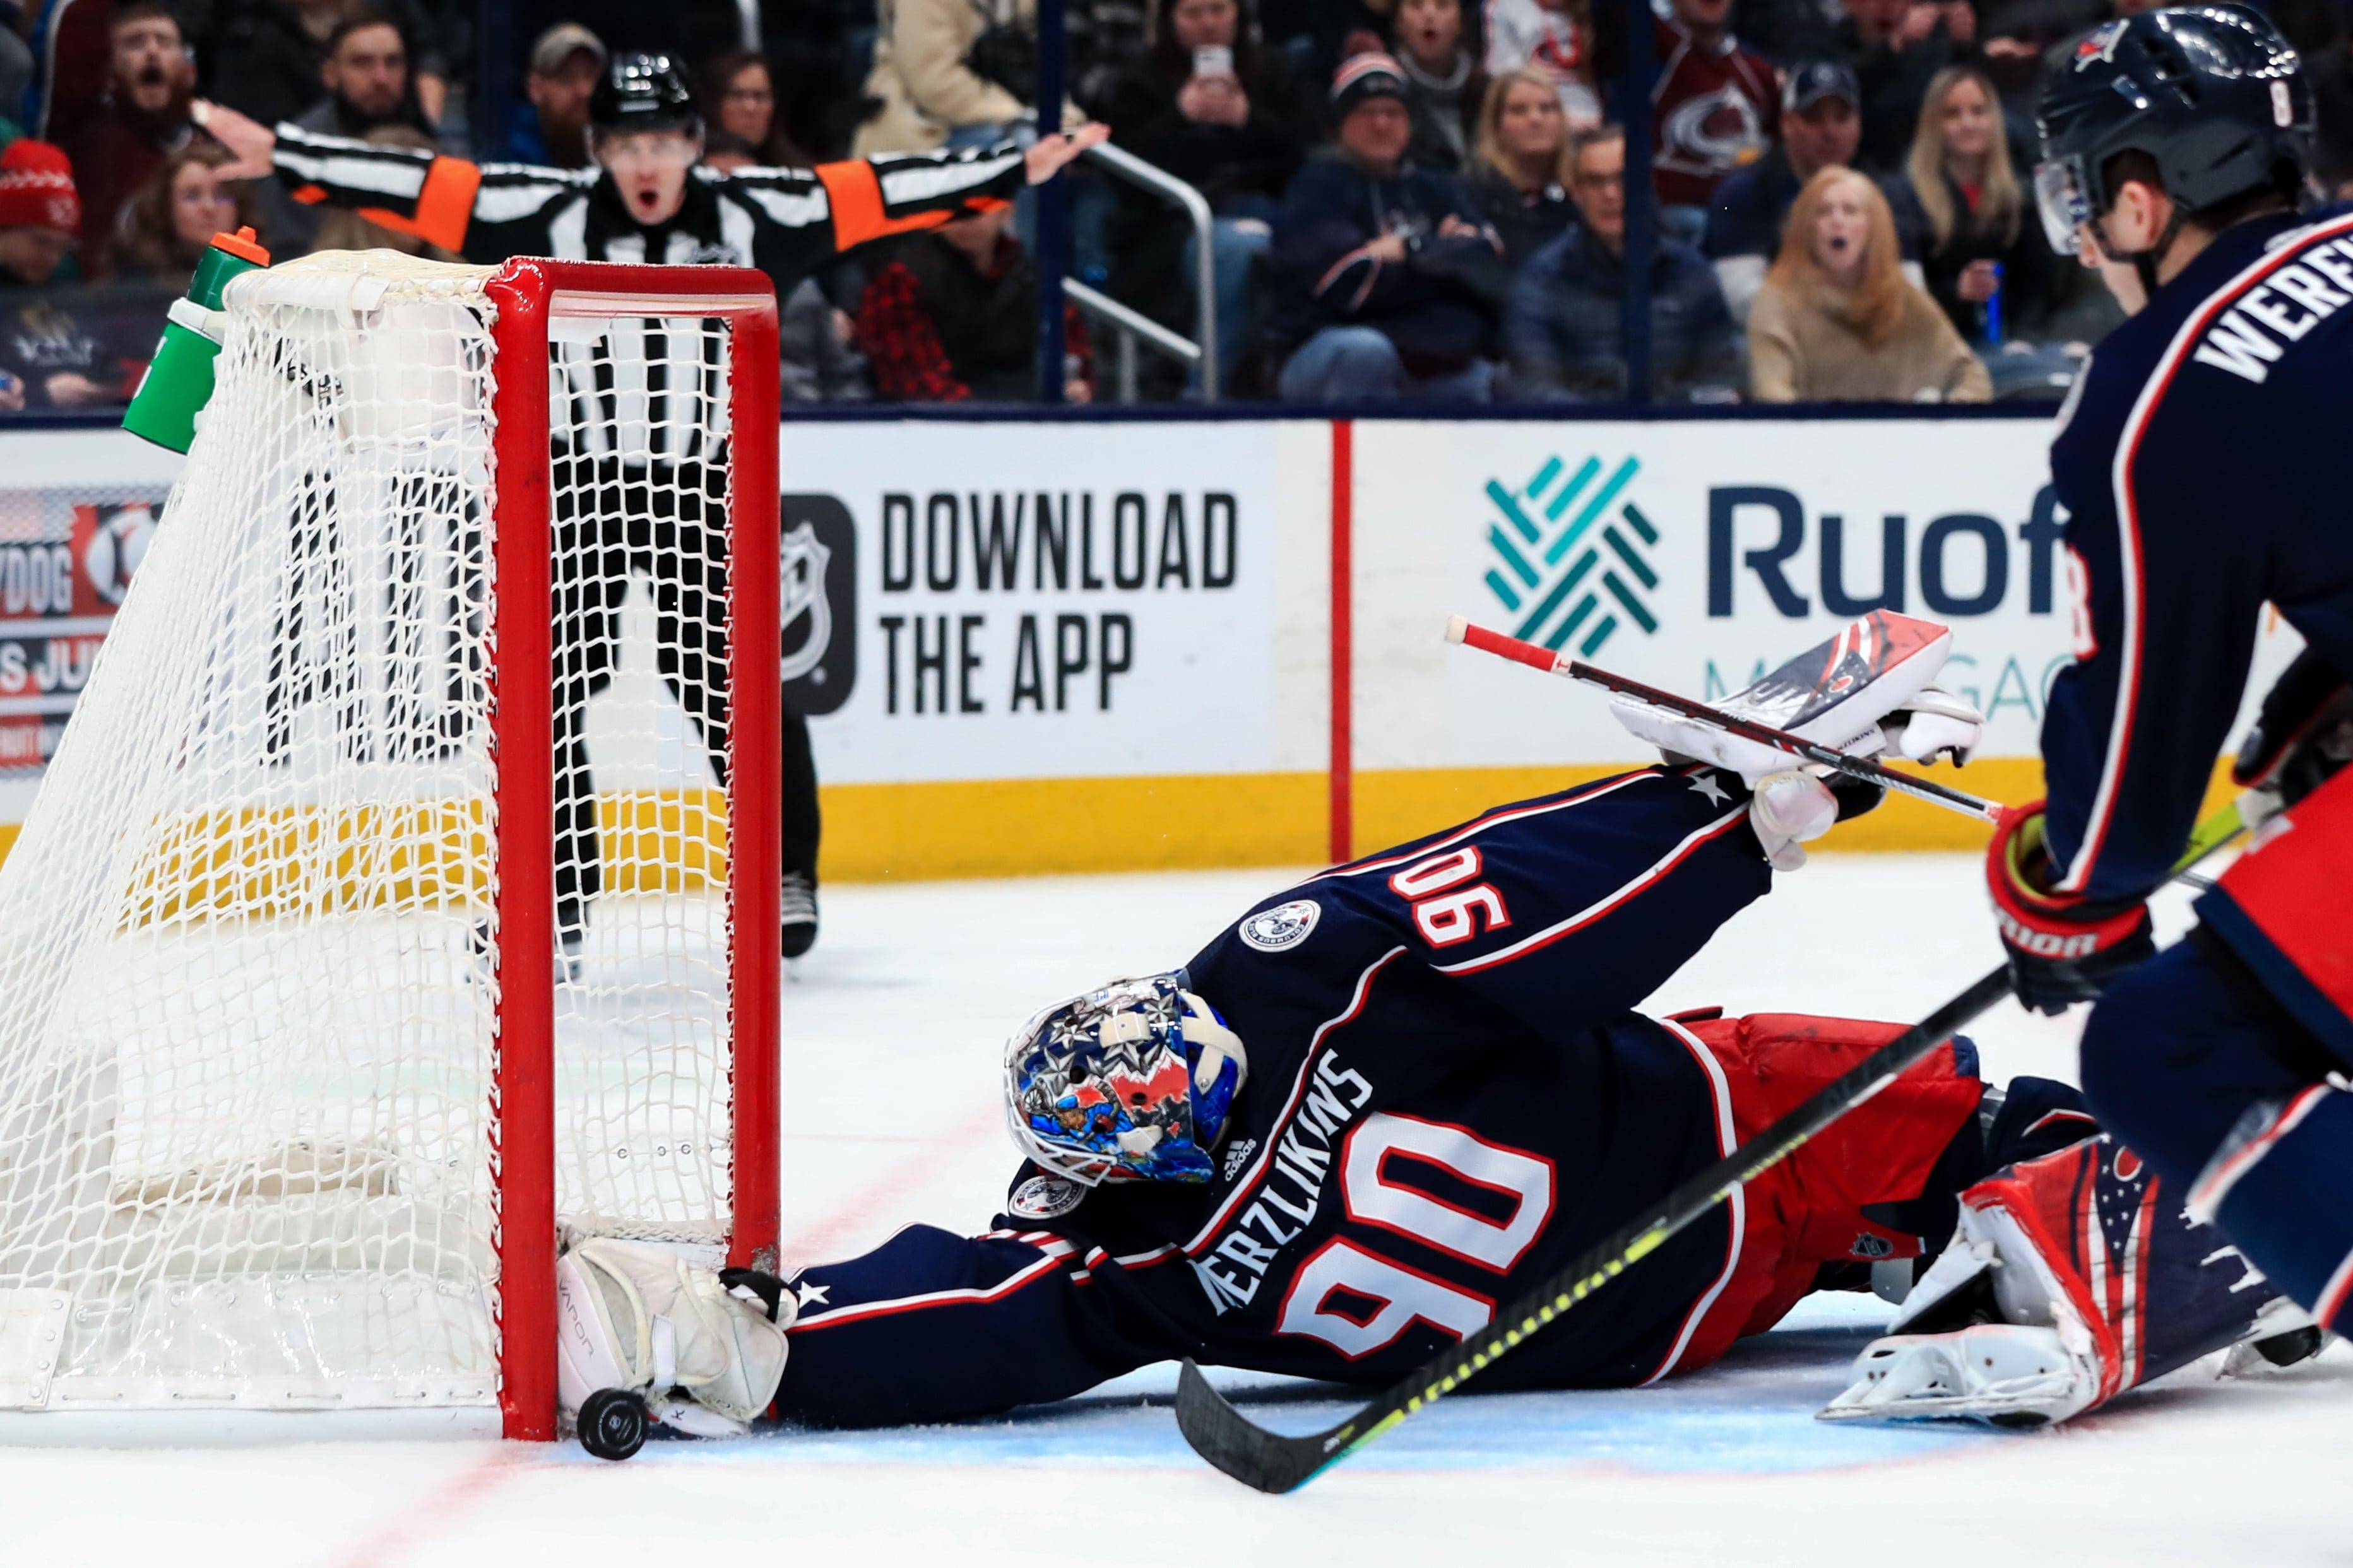 Vai šie ir hokeja ziedu laiki? Pieci latvieši NHL